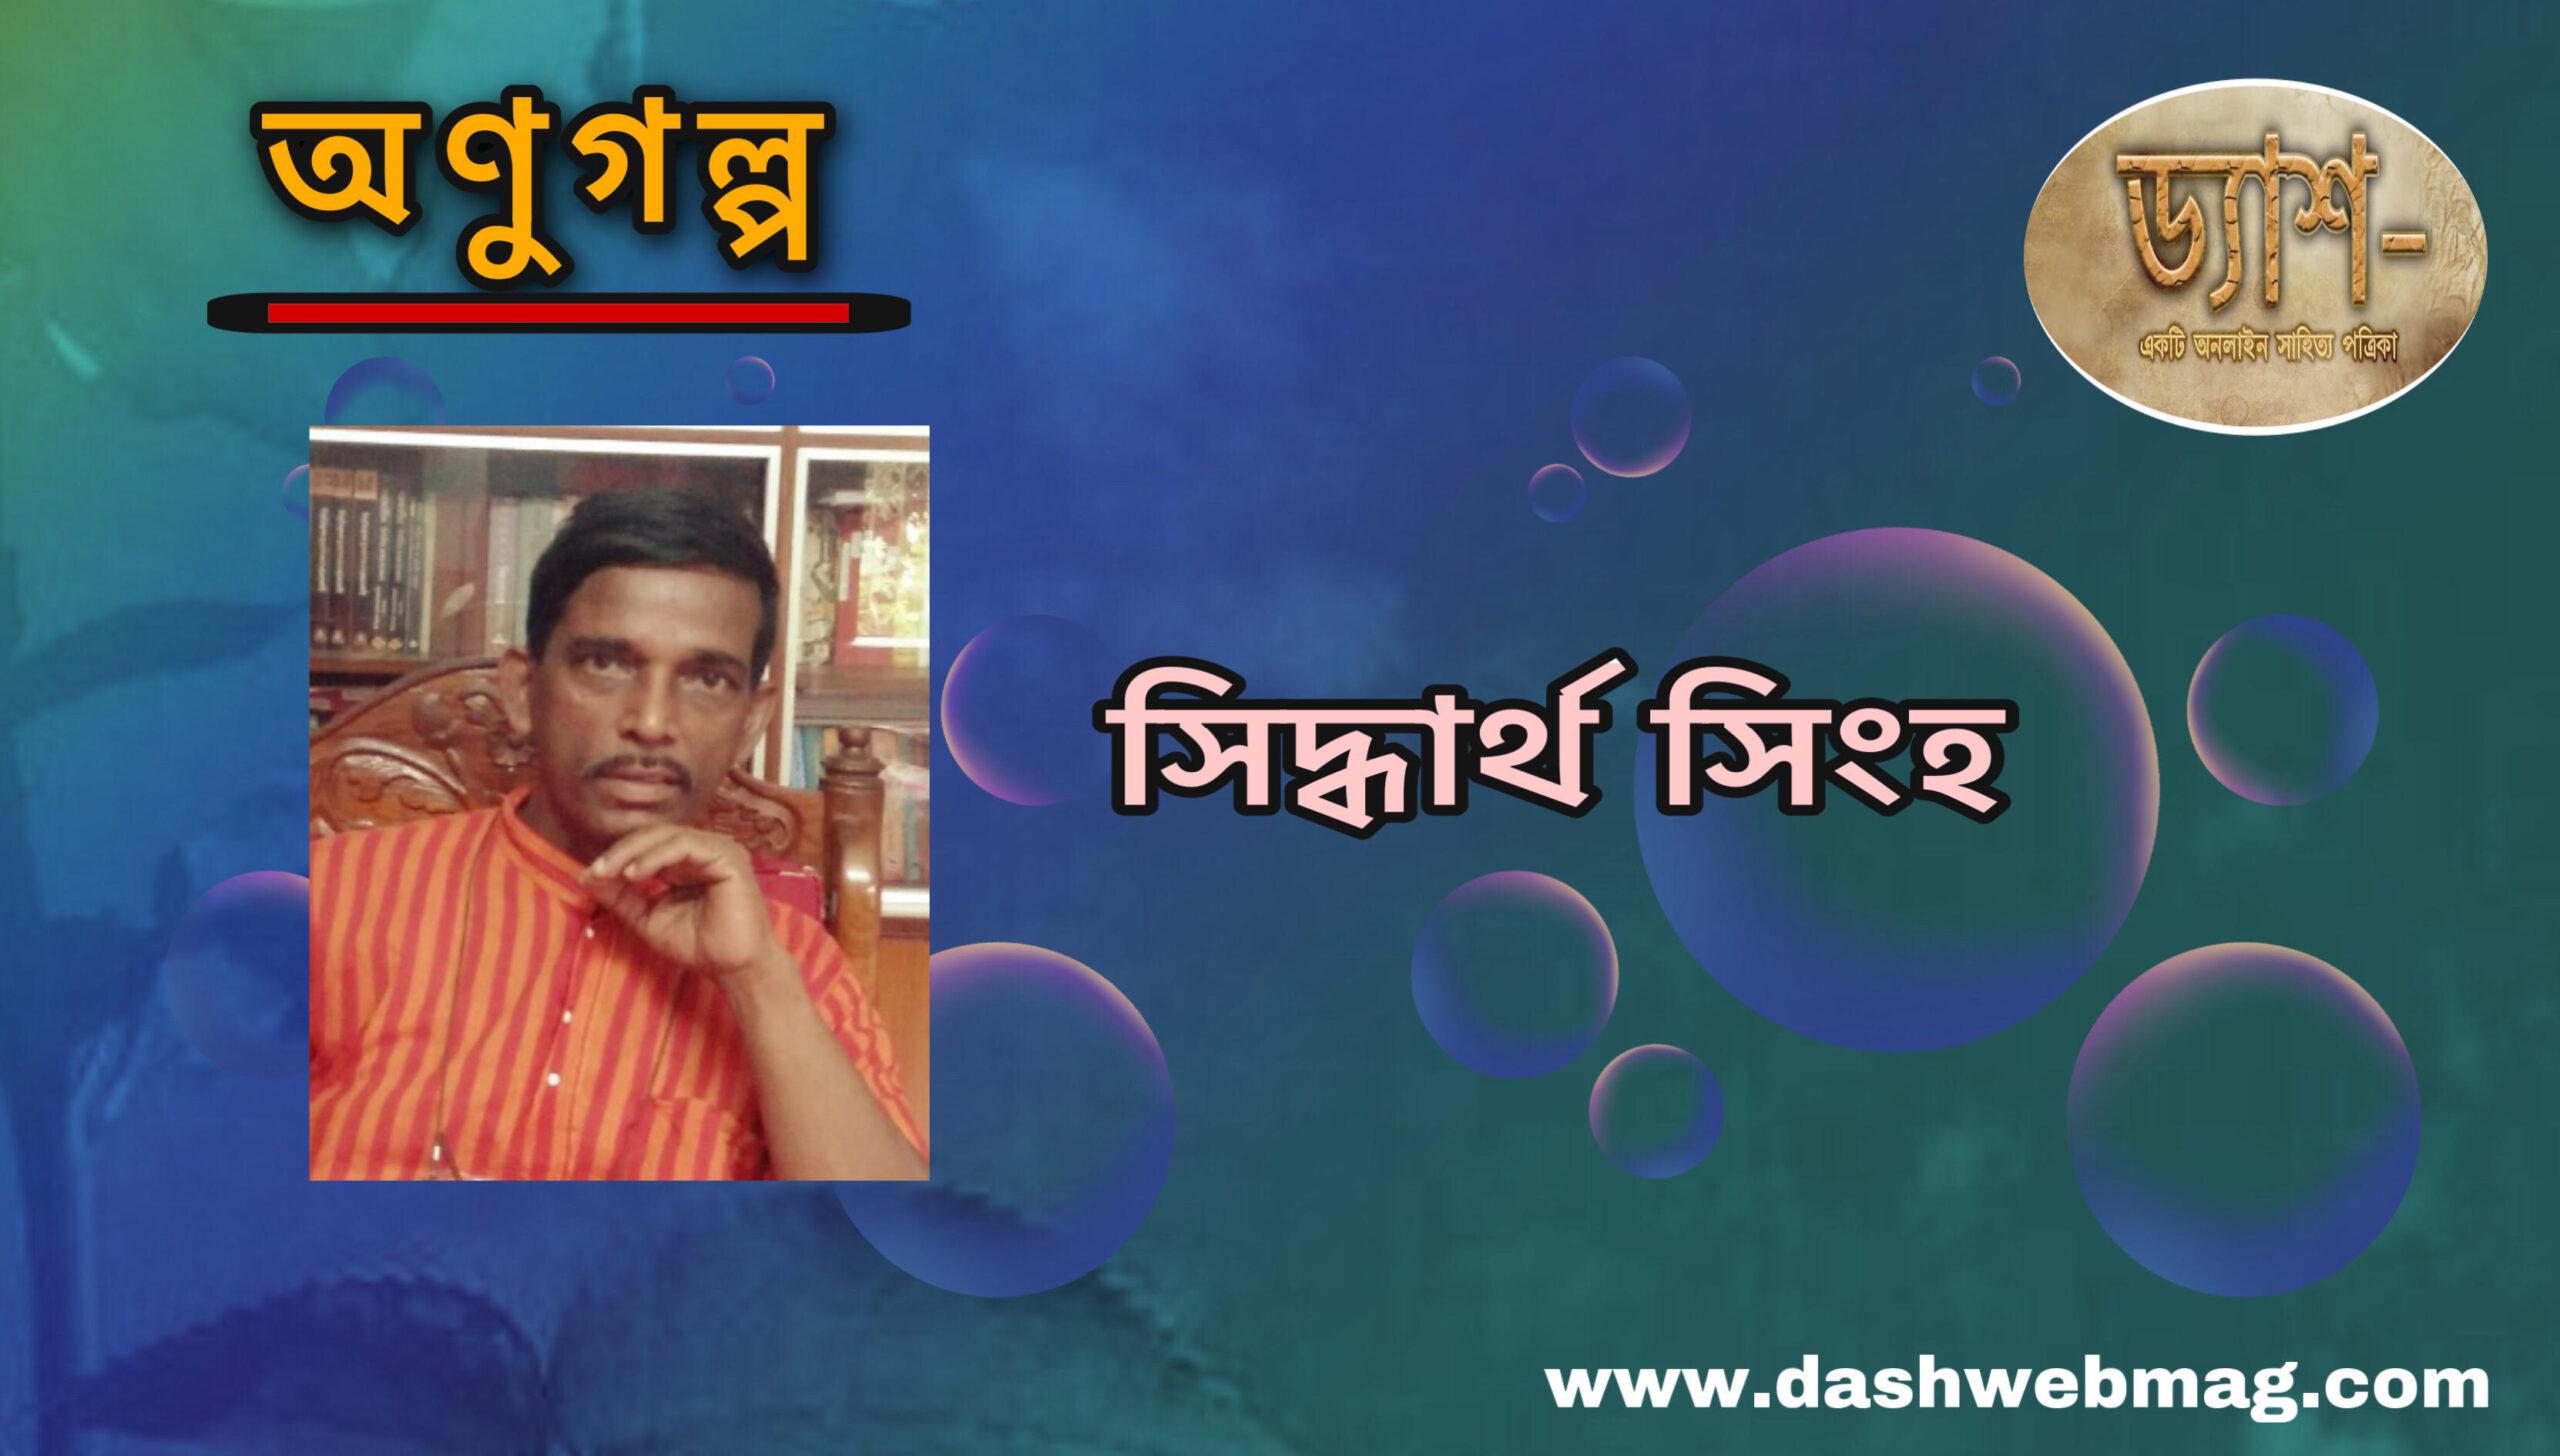 অণুগল্প: নার্সিংহোম